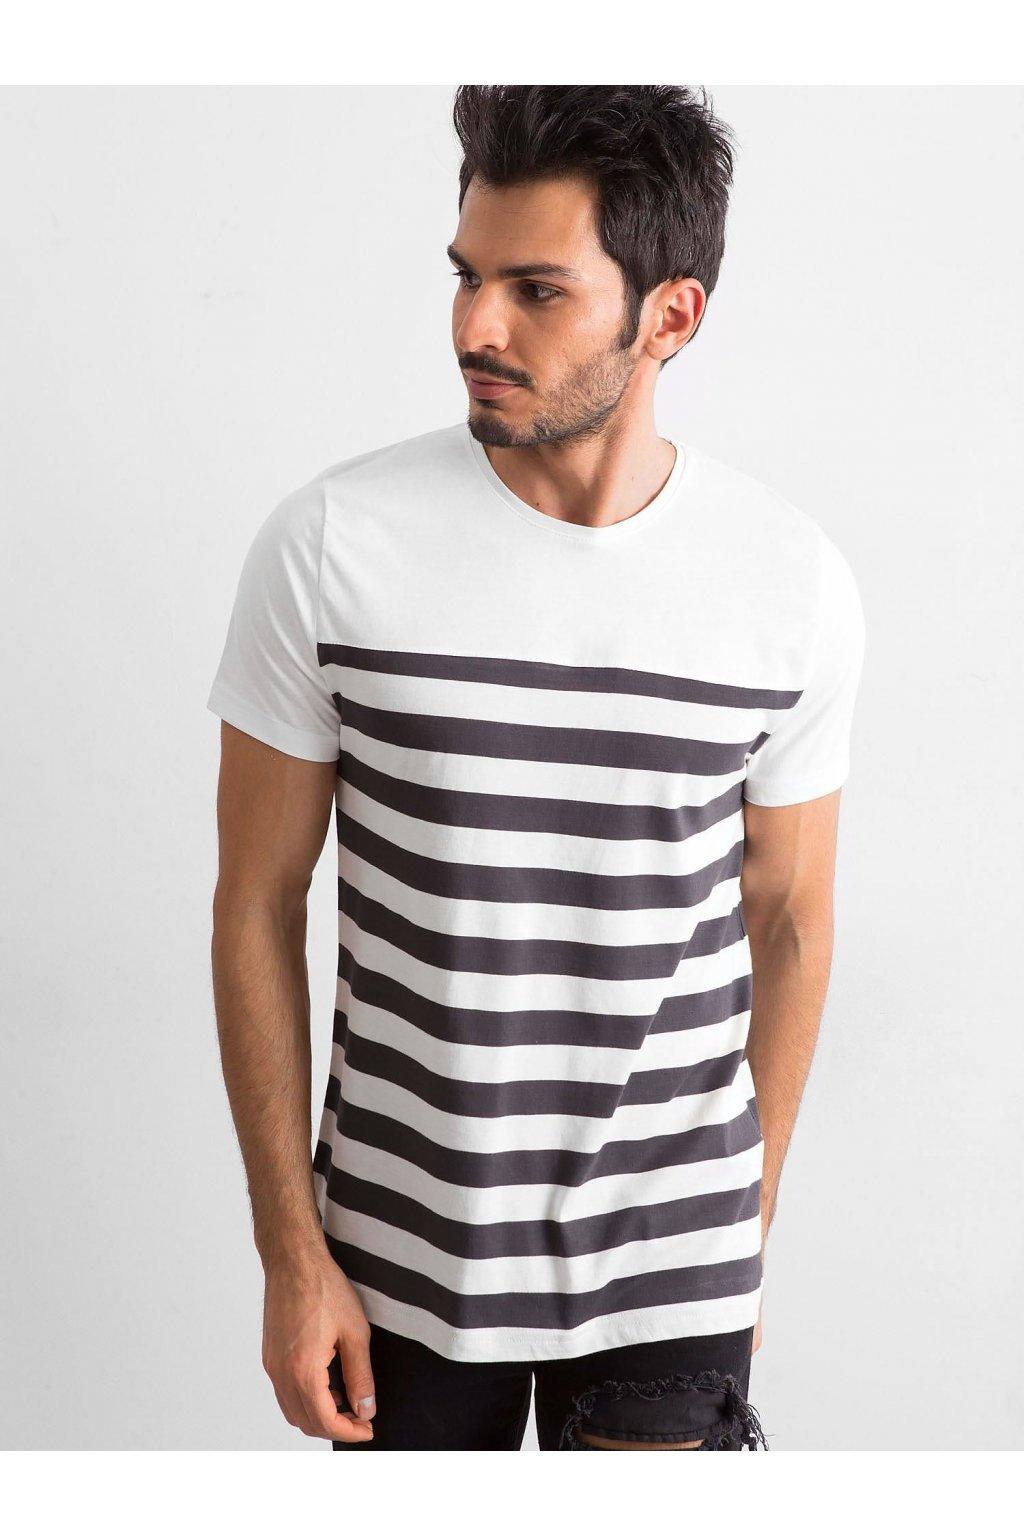 Tričko t-shirt kód M019Y03047010